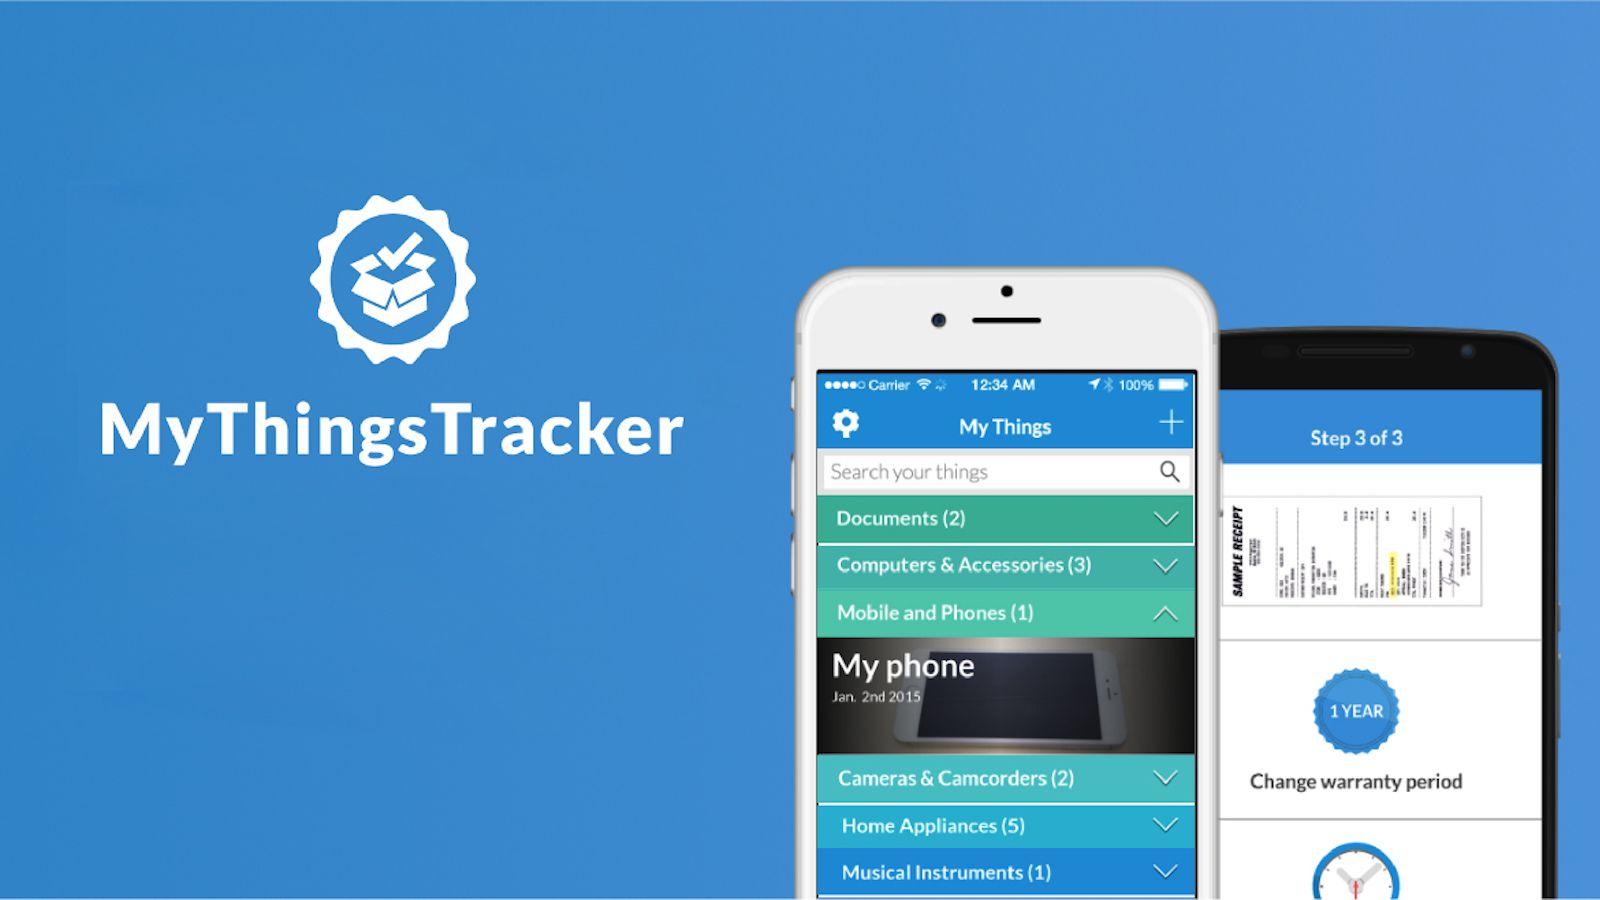 MyThingsTracker App